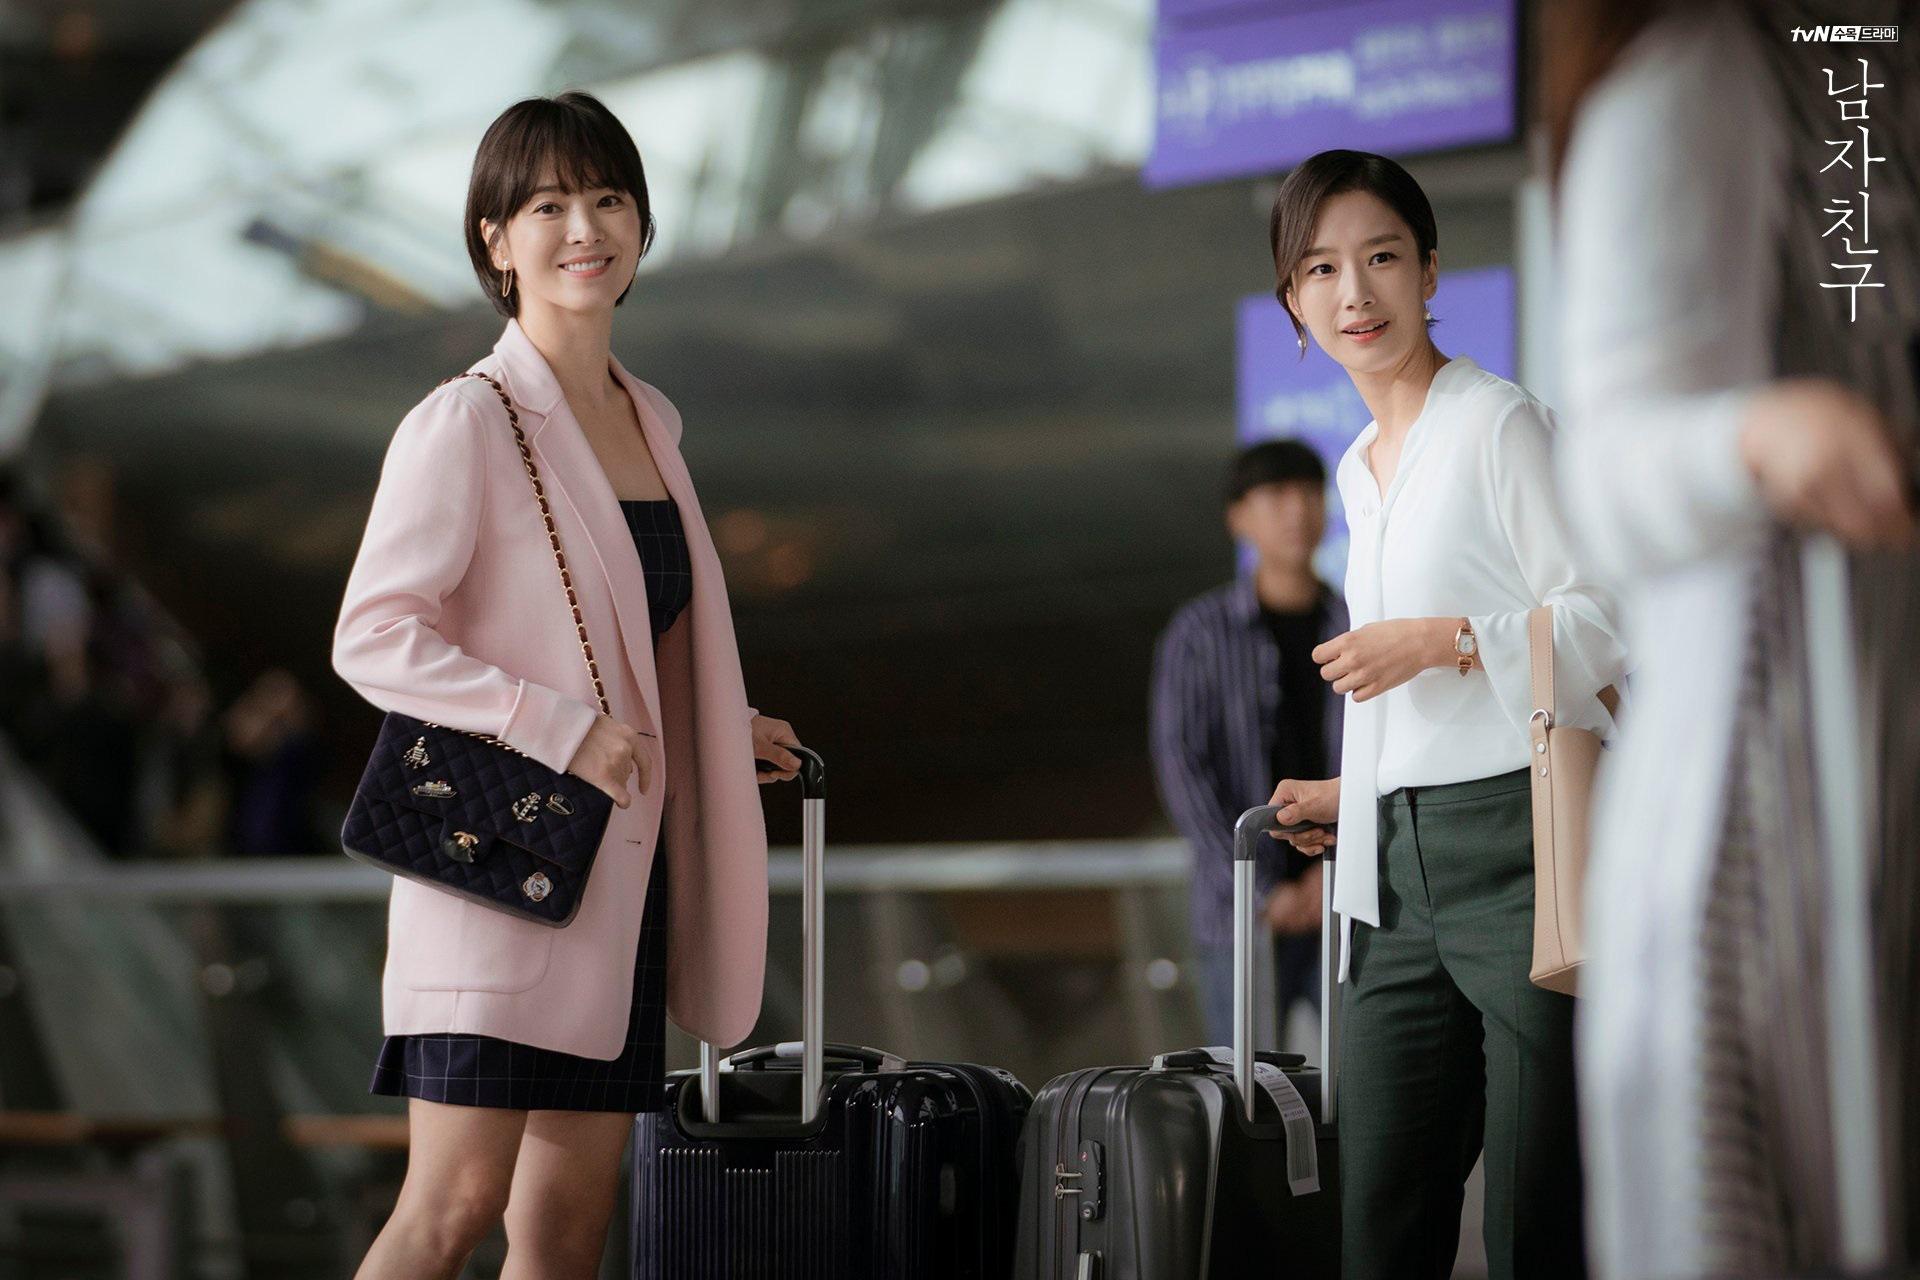 3 kiểu blazer sao Hàn hay diện trong phim, đã đẹp tinh tế còn không bao giờ lỗi mốt, nàng công sở rất nên học theo - BAAO.VN